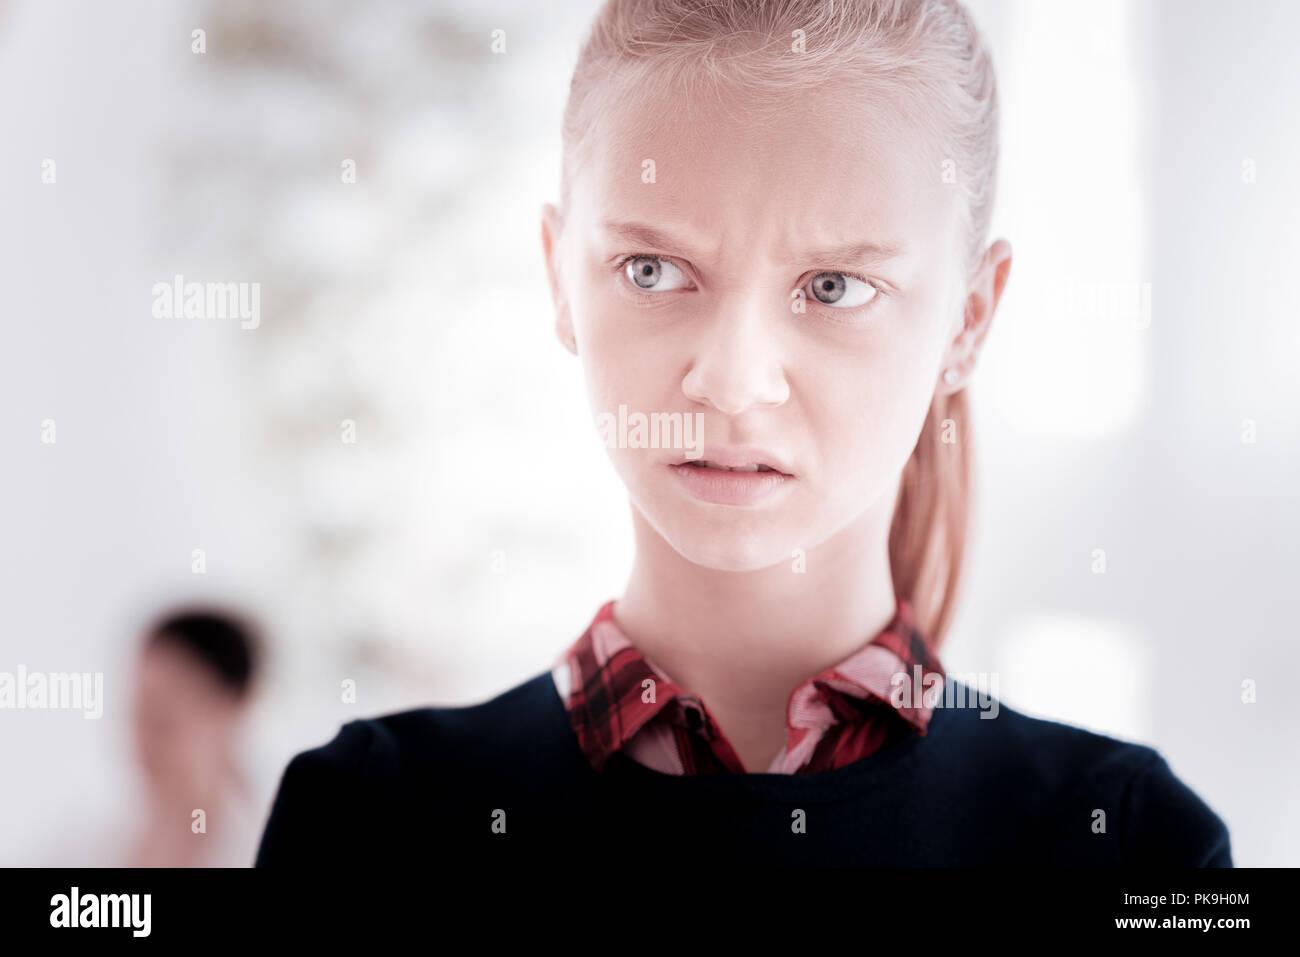 Emotionale Mädchen runzelte die Stirn und unwohl in einem fremden Ort Stockfoto